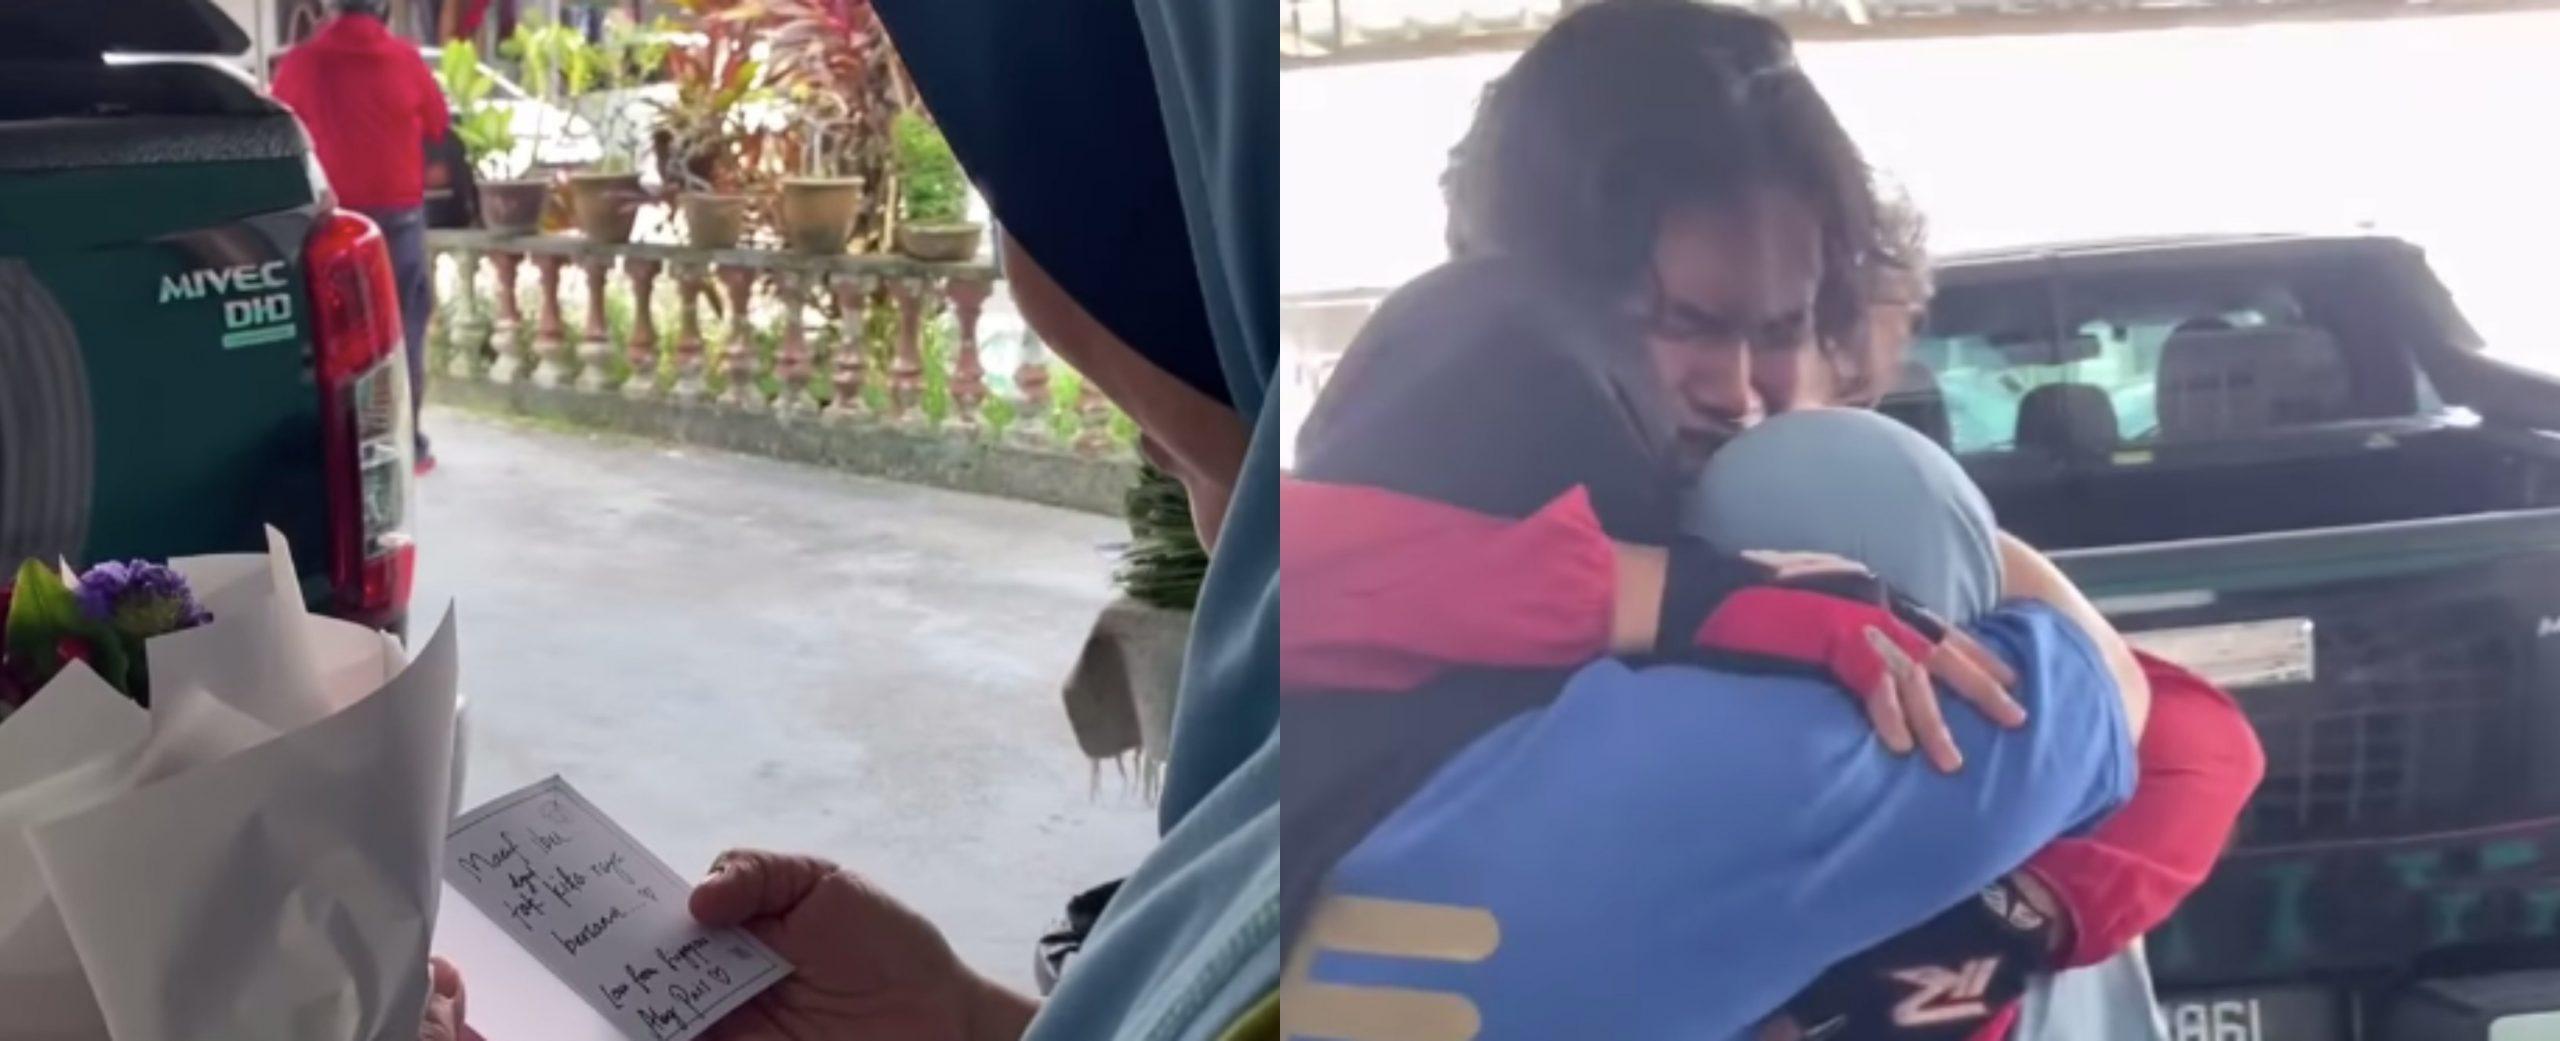 Setahun Terpisah, Anak Menyamar Jadi Rider Hantar Bunga, Tapi Naluri Ibu Memang Tak Pernah Salah!